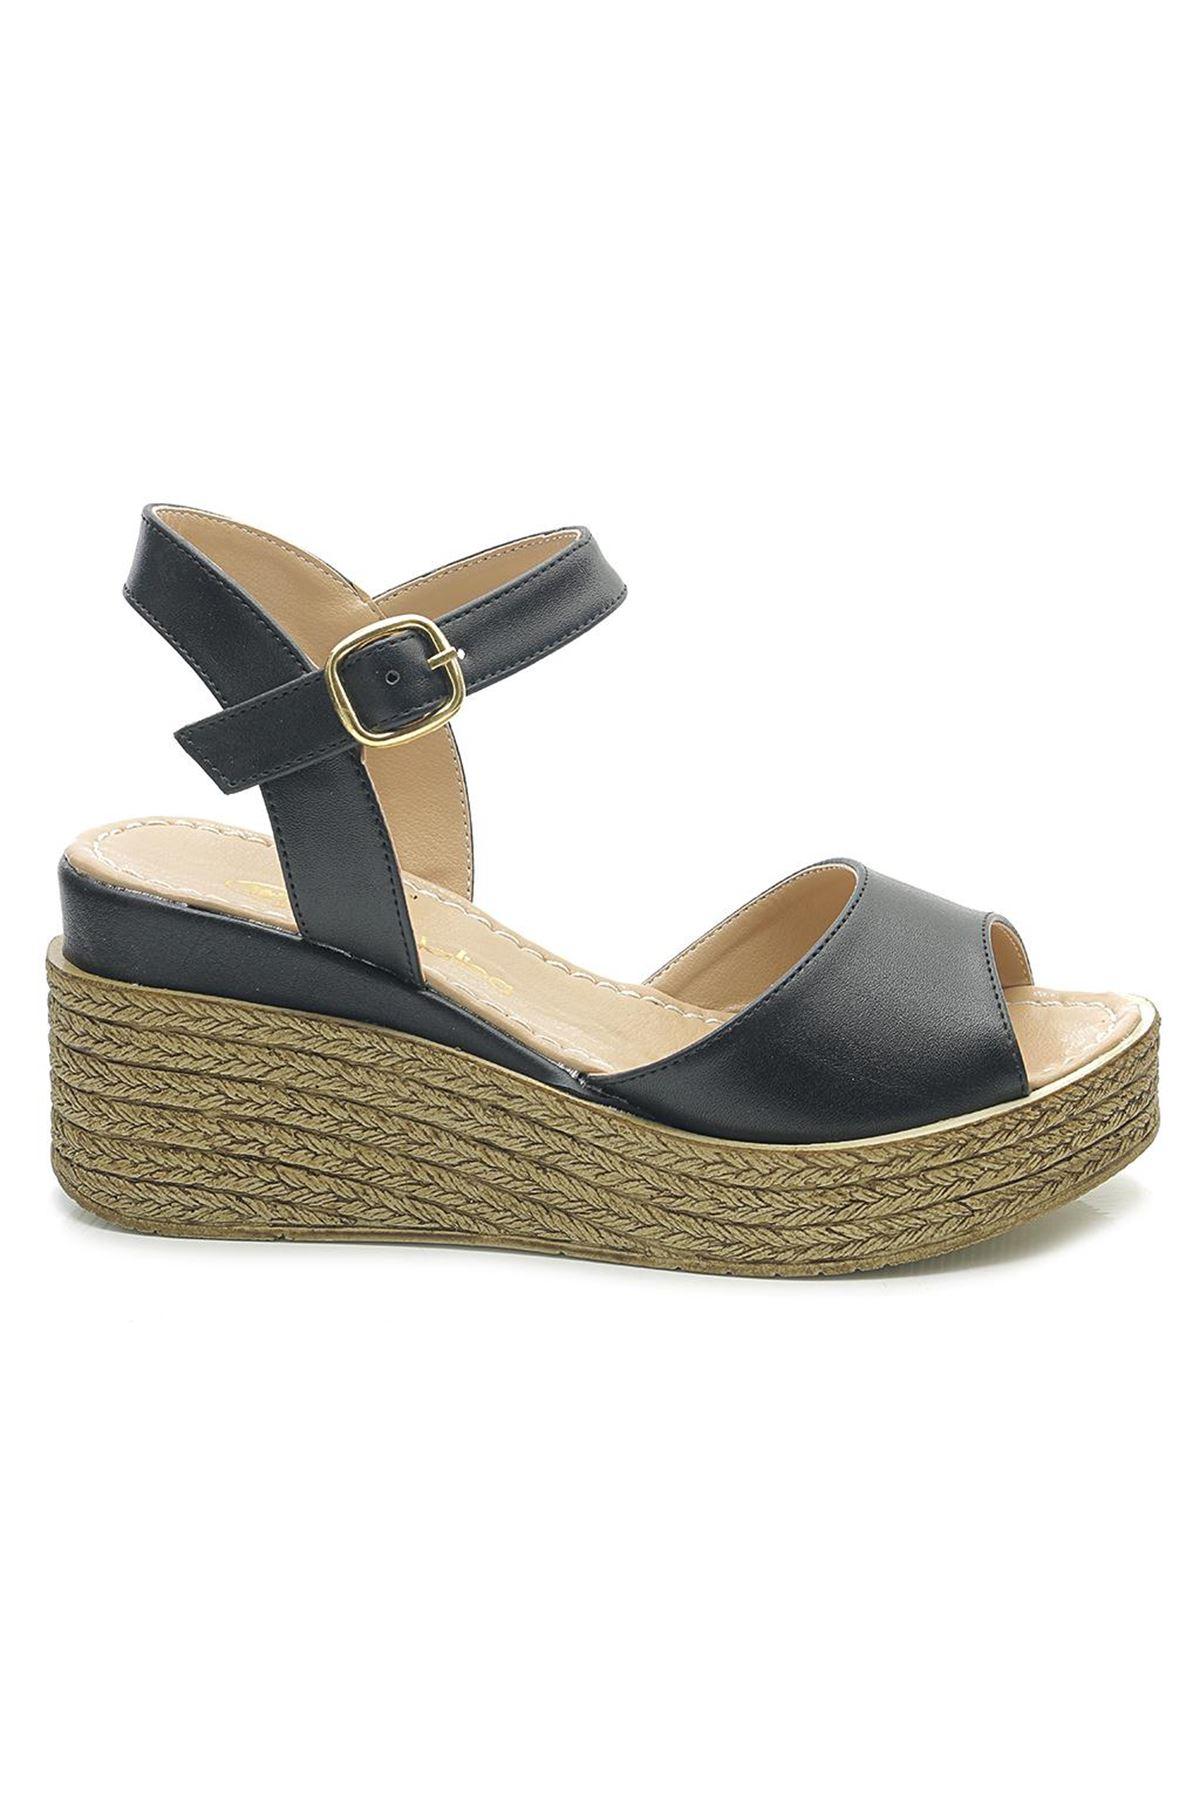 Moda Lisa 5300 Dolgu Topuk Kadın Ayakkabı